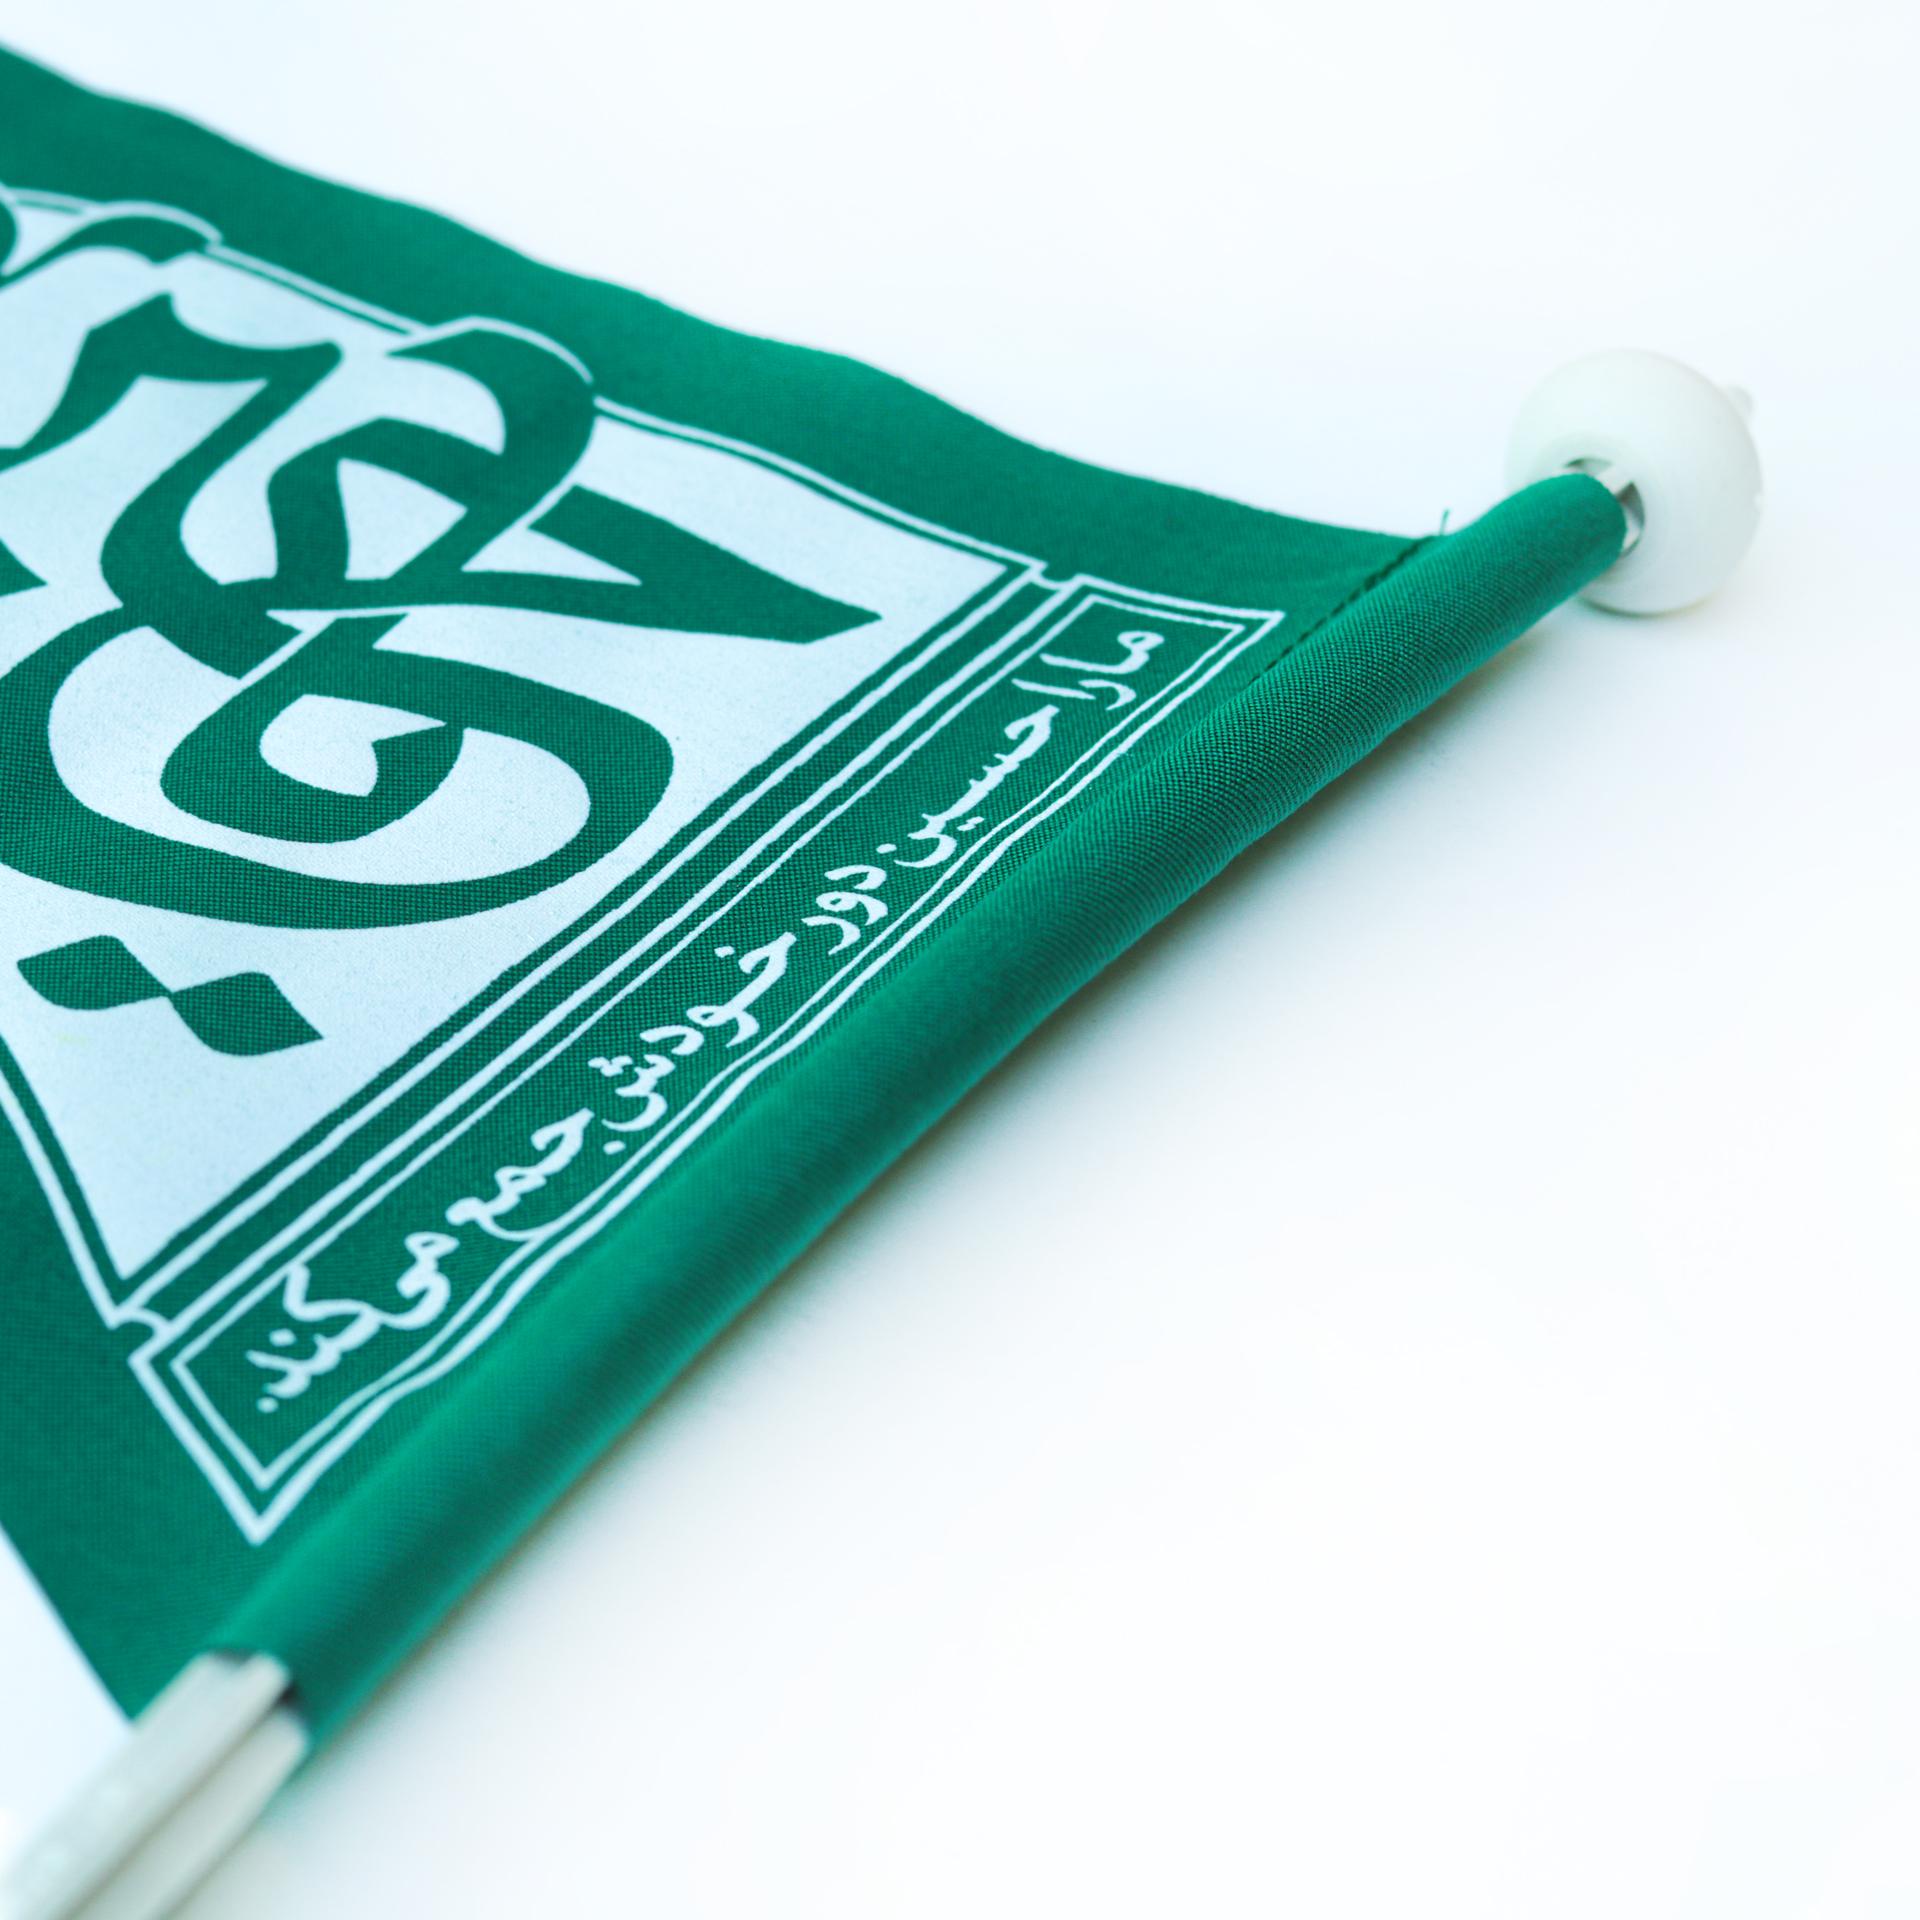 تصویر از پرچم خودروی یا حسین